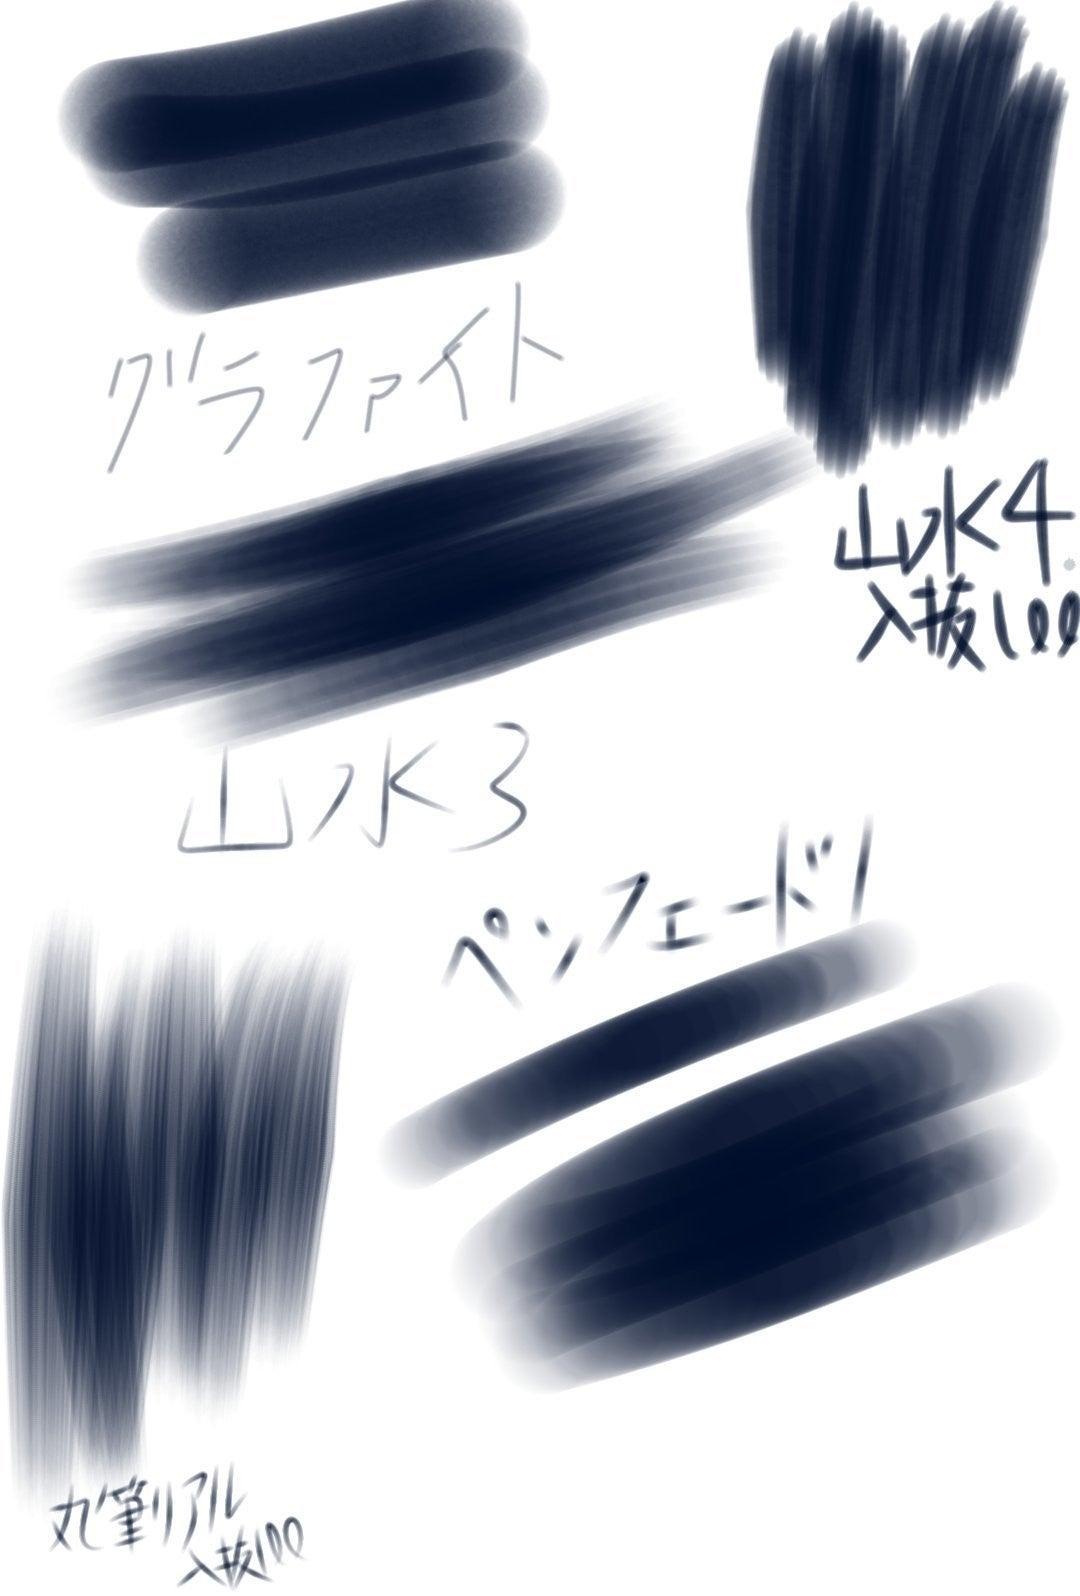 アイビス 厚 塗り ペン アイビスペイントの厚塗りに使える筆まとめ|秋香|note